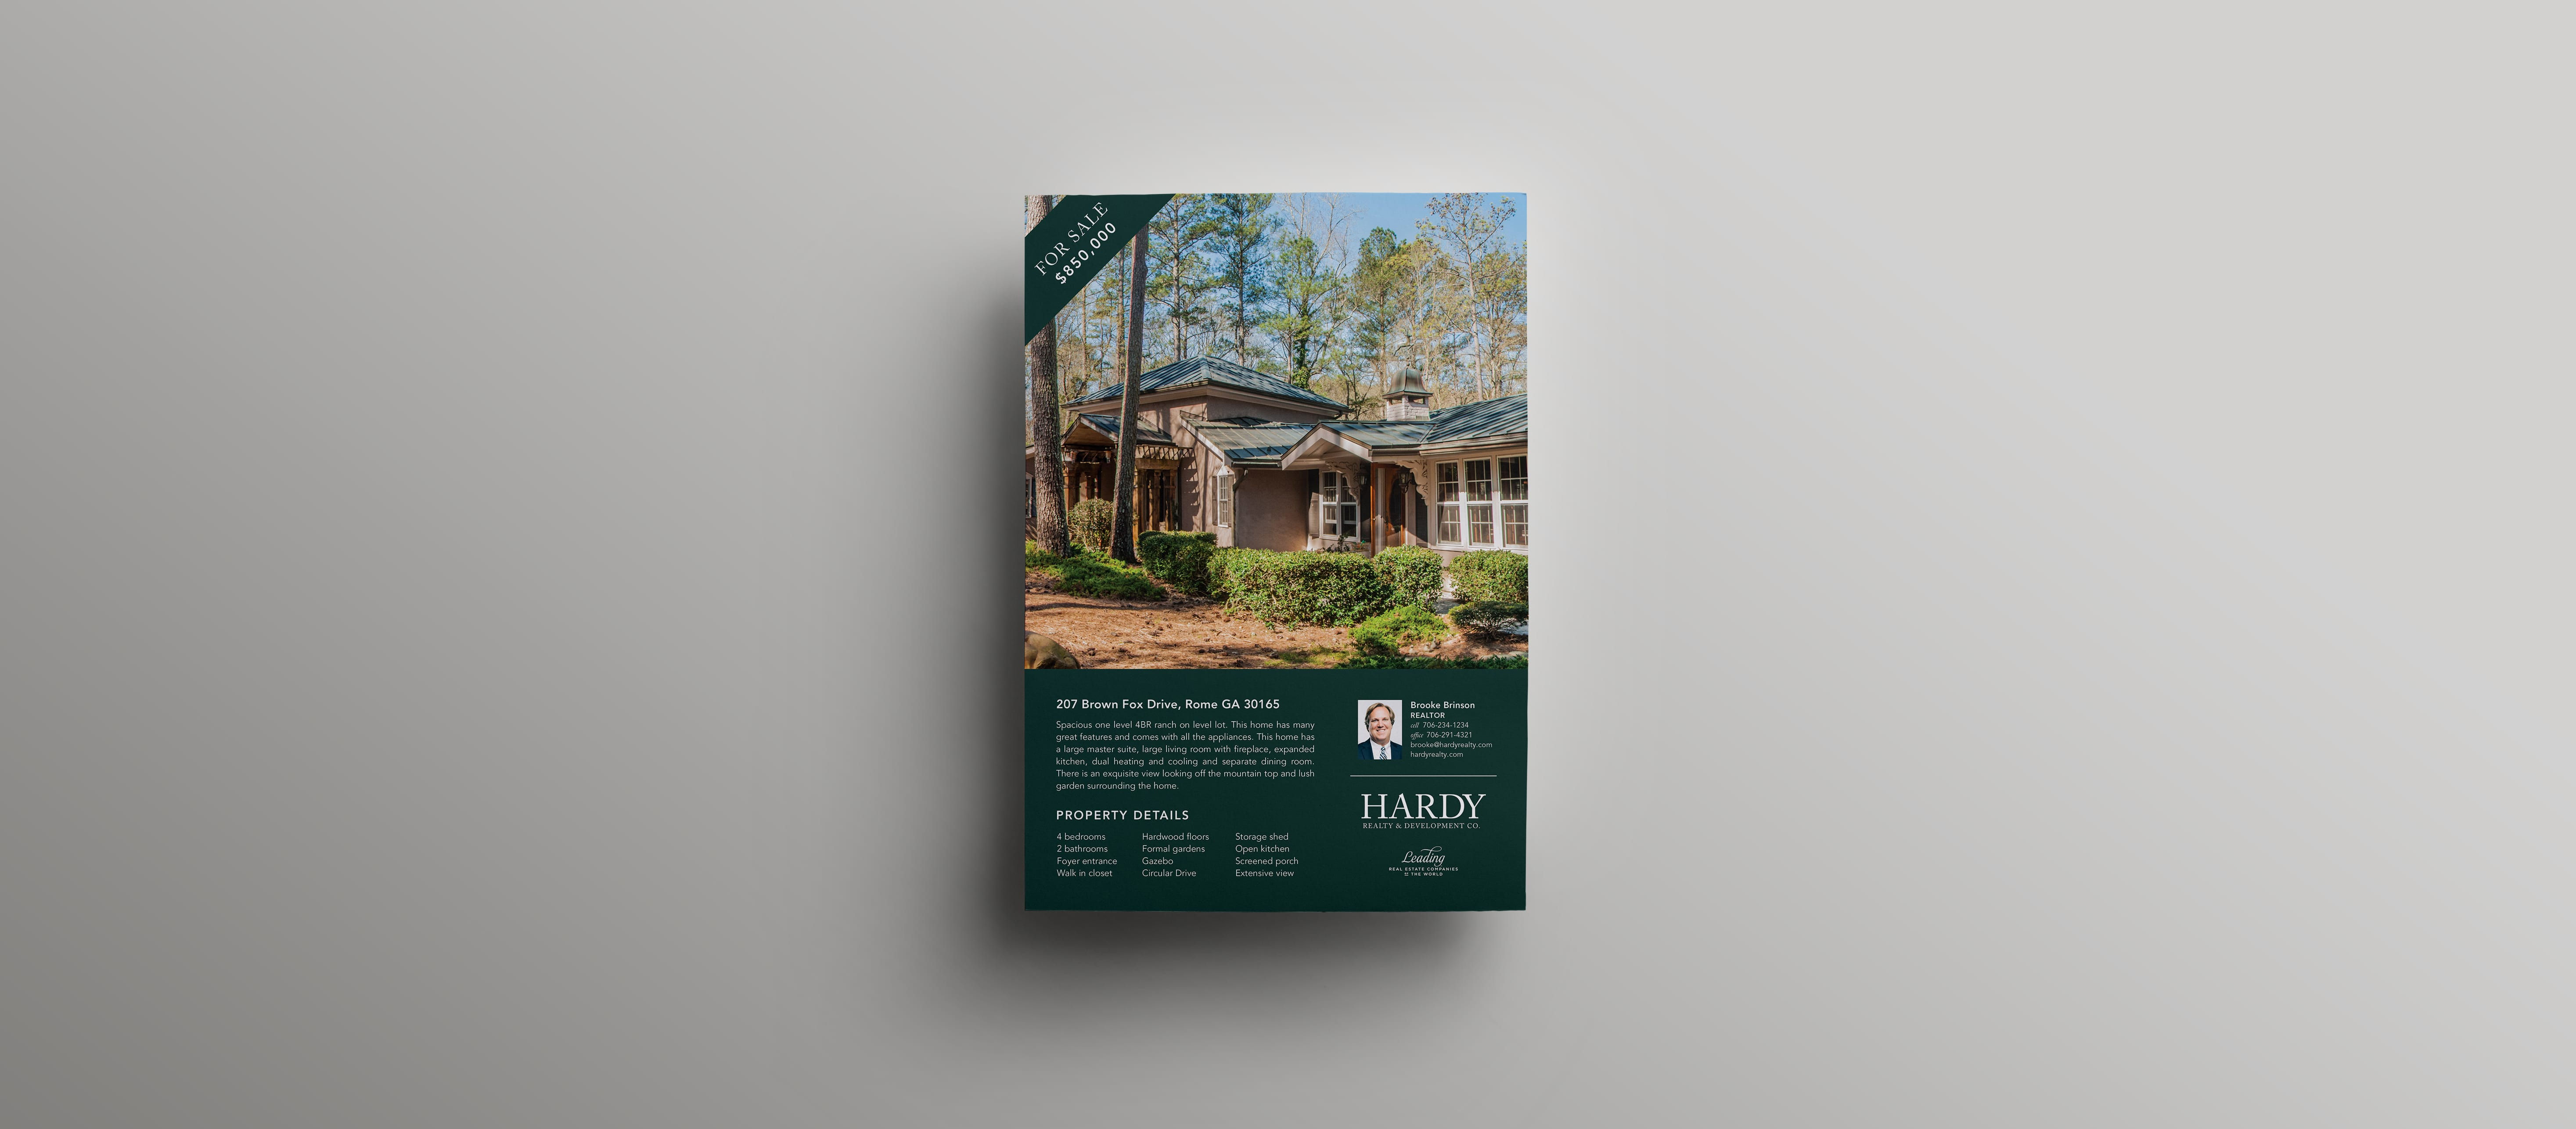 hardy real estate flyer design